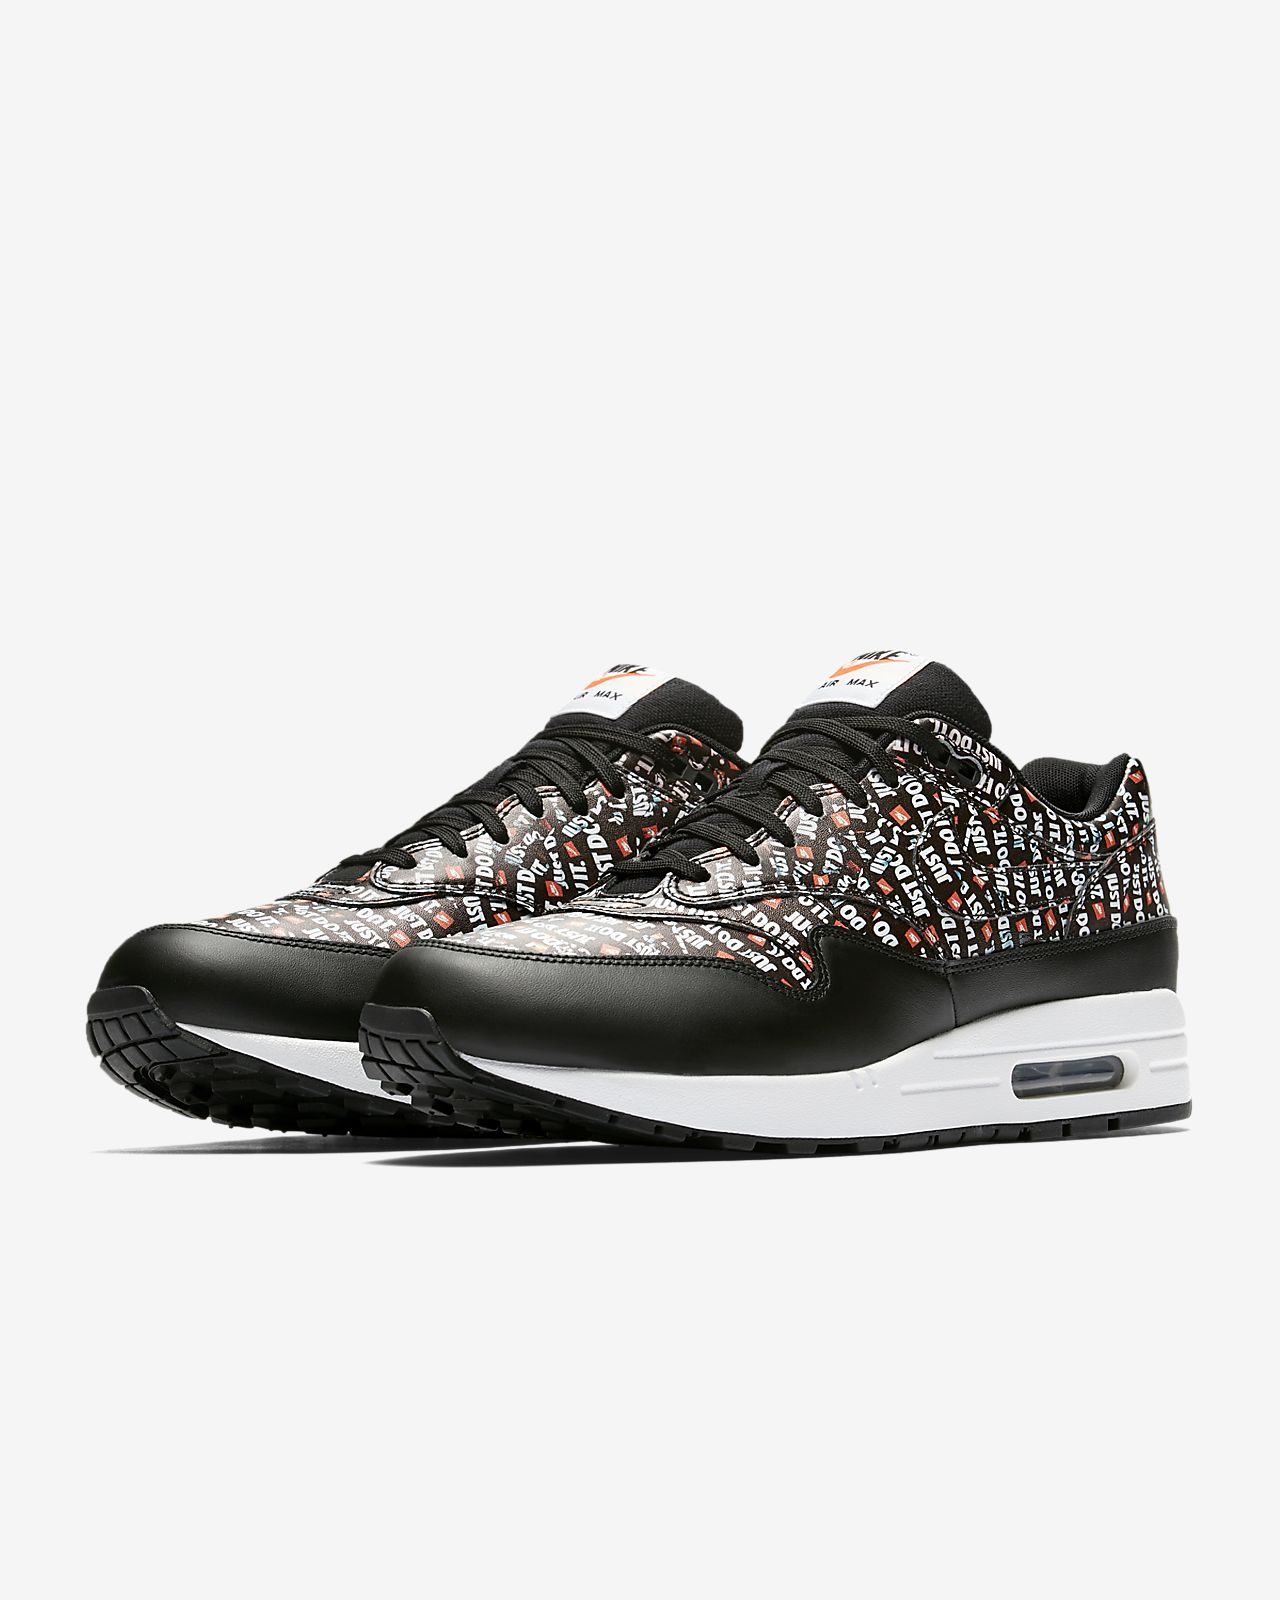 pretty nice 358a8 7b139 ... Nike Air Max 1 Premium Men s Shoe